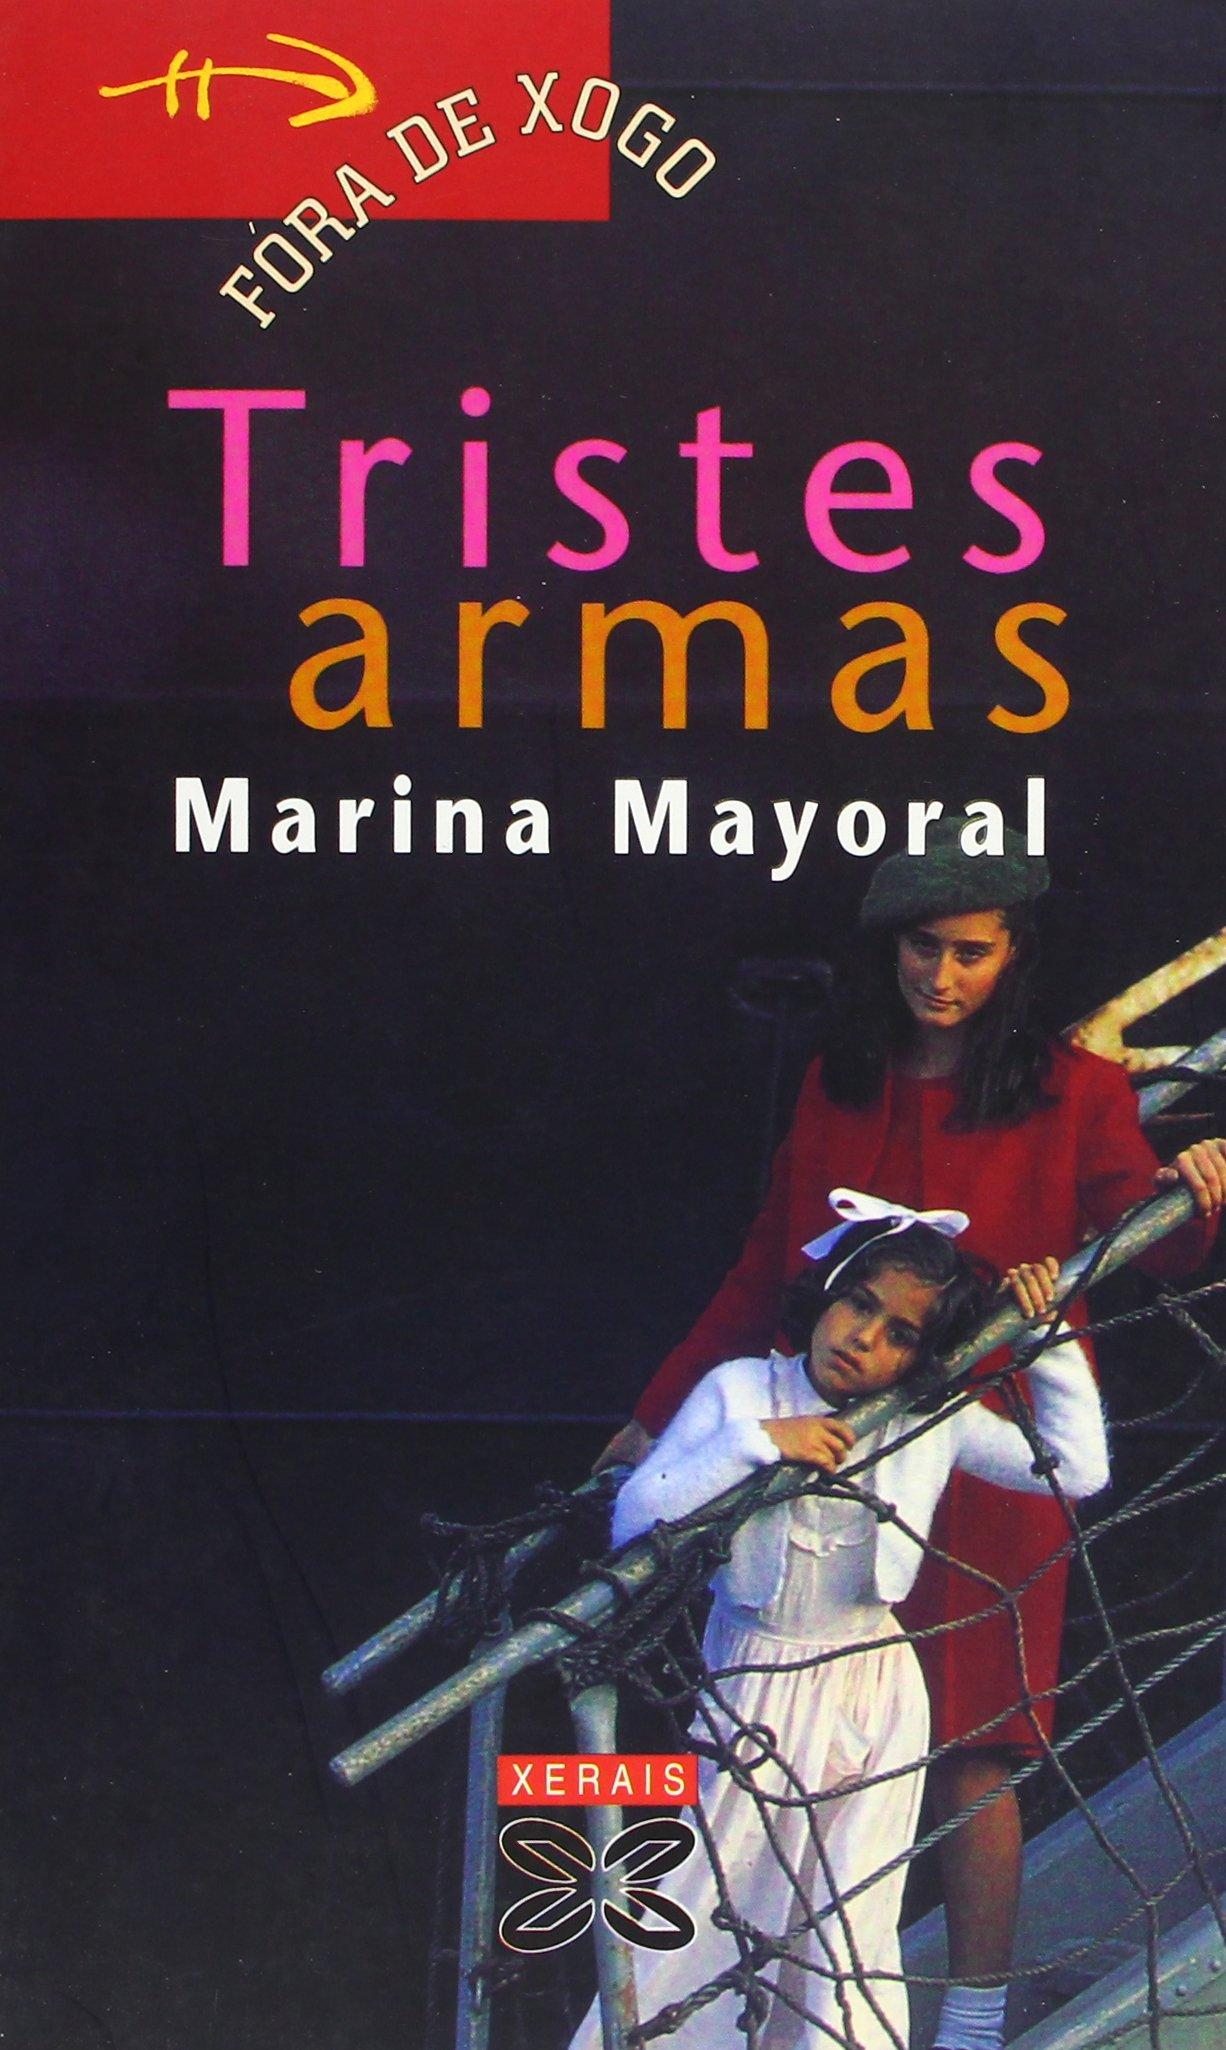 Tristes armas (Infantil E Xuvenil - Fóra De Xogo): Amazon.es: Marina Mayoral: Libros